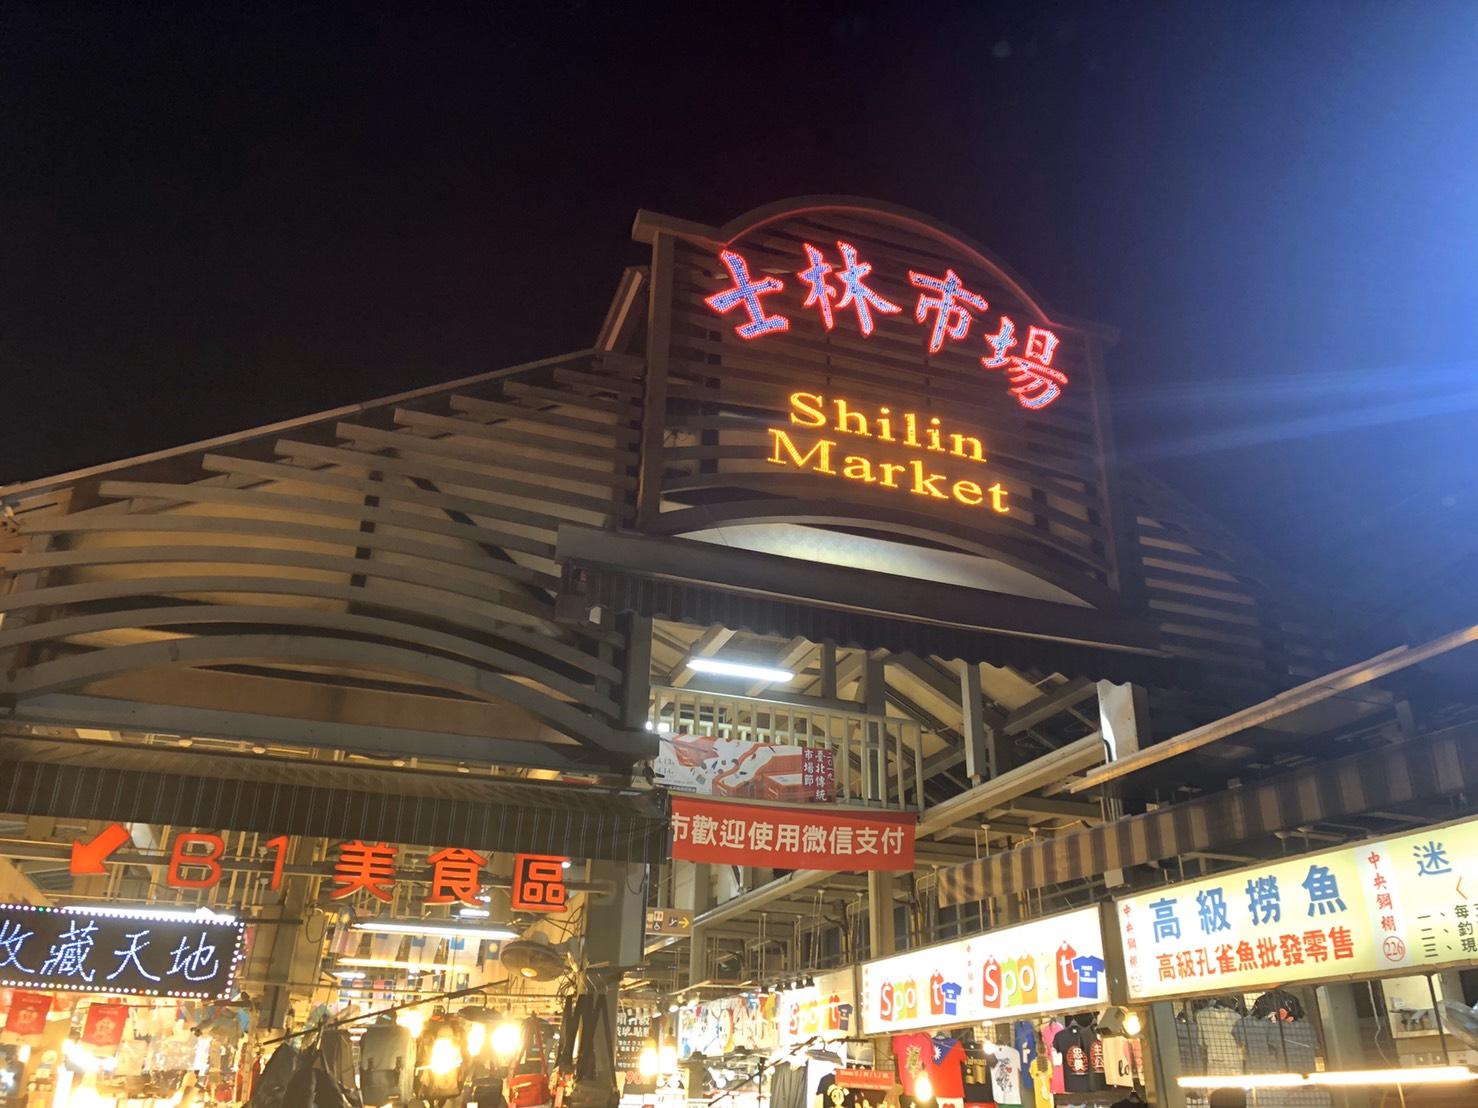 台湾・台北旅行記 士林夜市